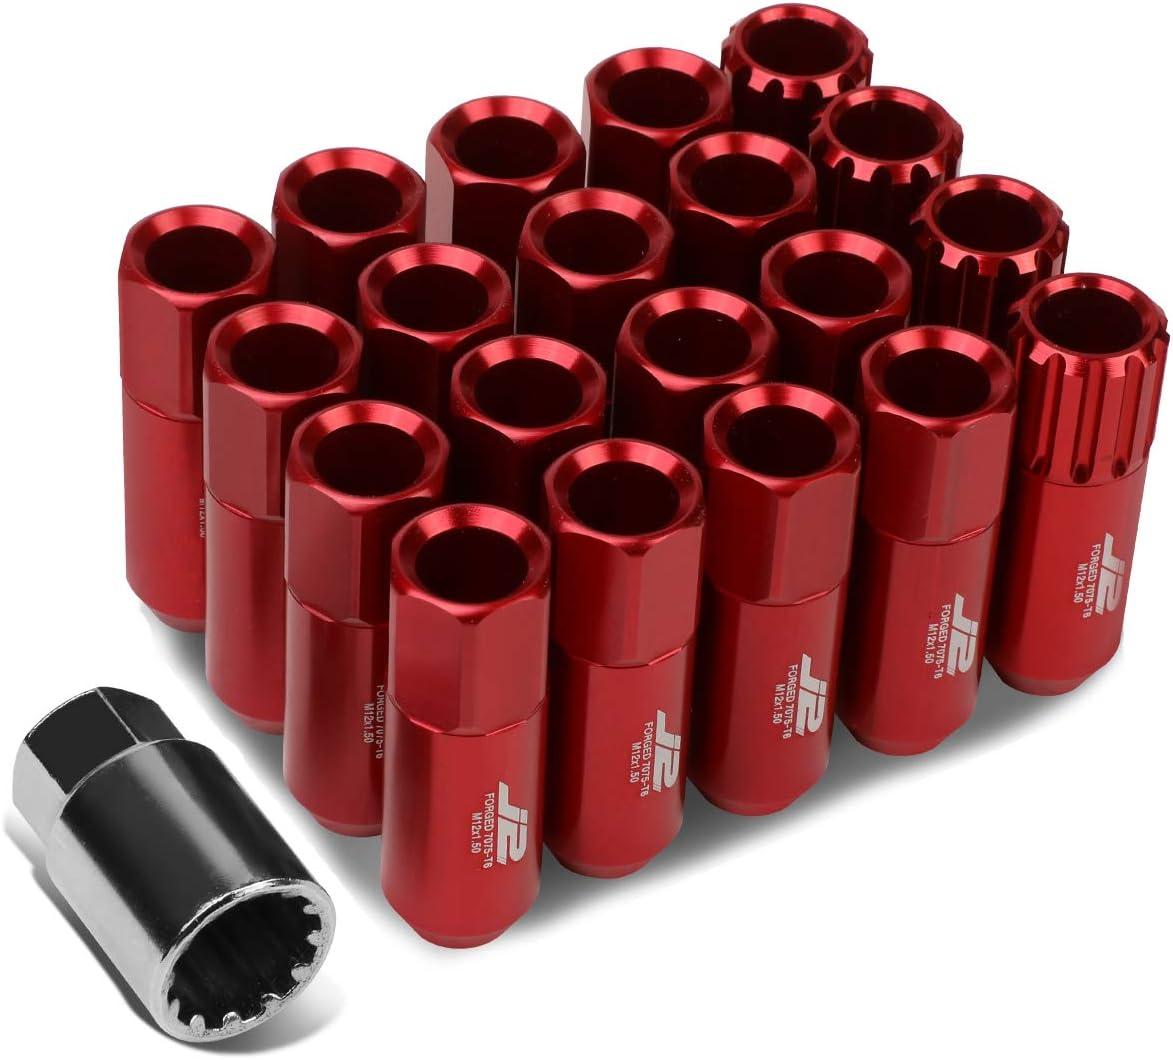 J2 Engineering LN-T7-010-15-RD Red 7075 Aluminum M12X1.5 16Pcs L: 60mm Open End Lug Nut w/4Pcs Lock+Key